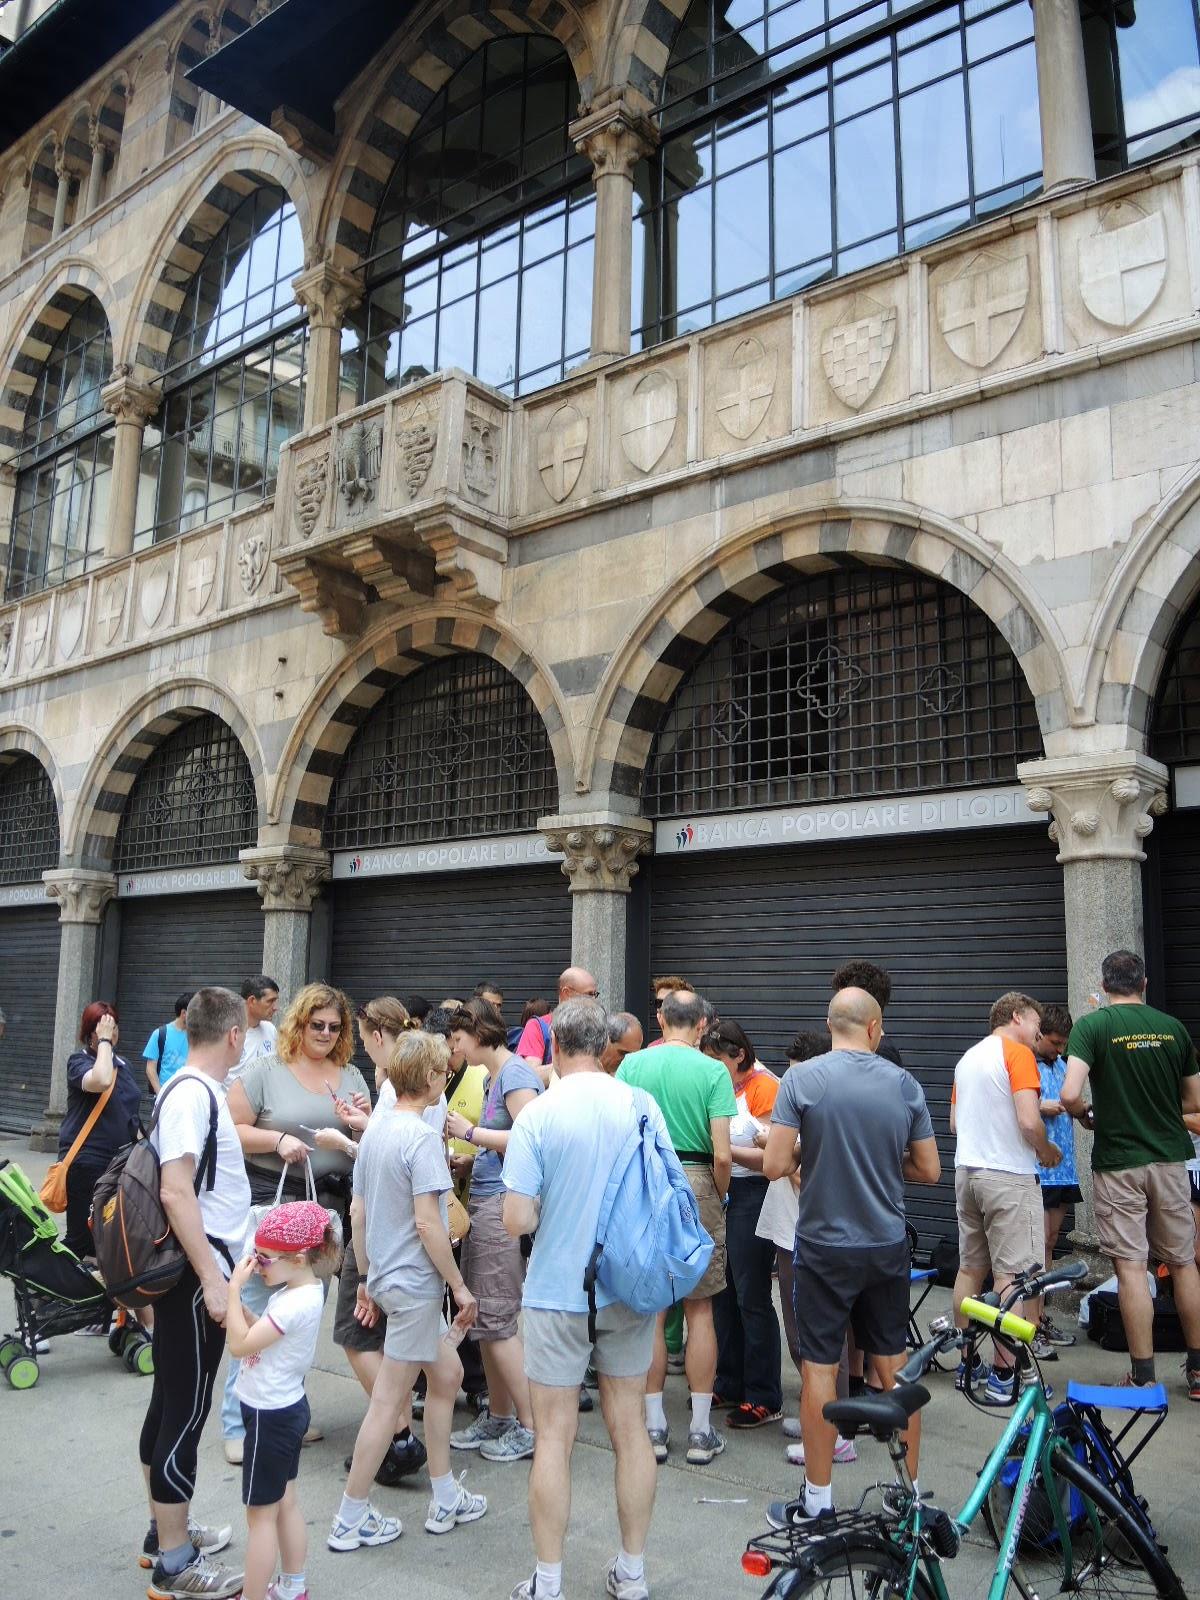 promozionale Orienteering (...matematico!!) in Centro storico a MILANO, a cura della a.s.d. Polisportiva PUNTO NORD (MB)